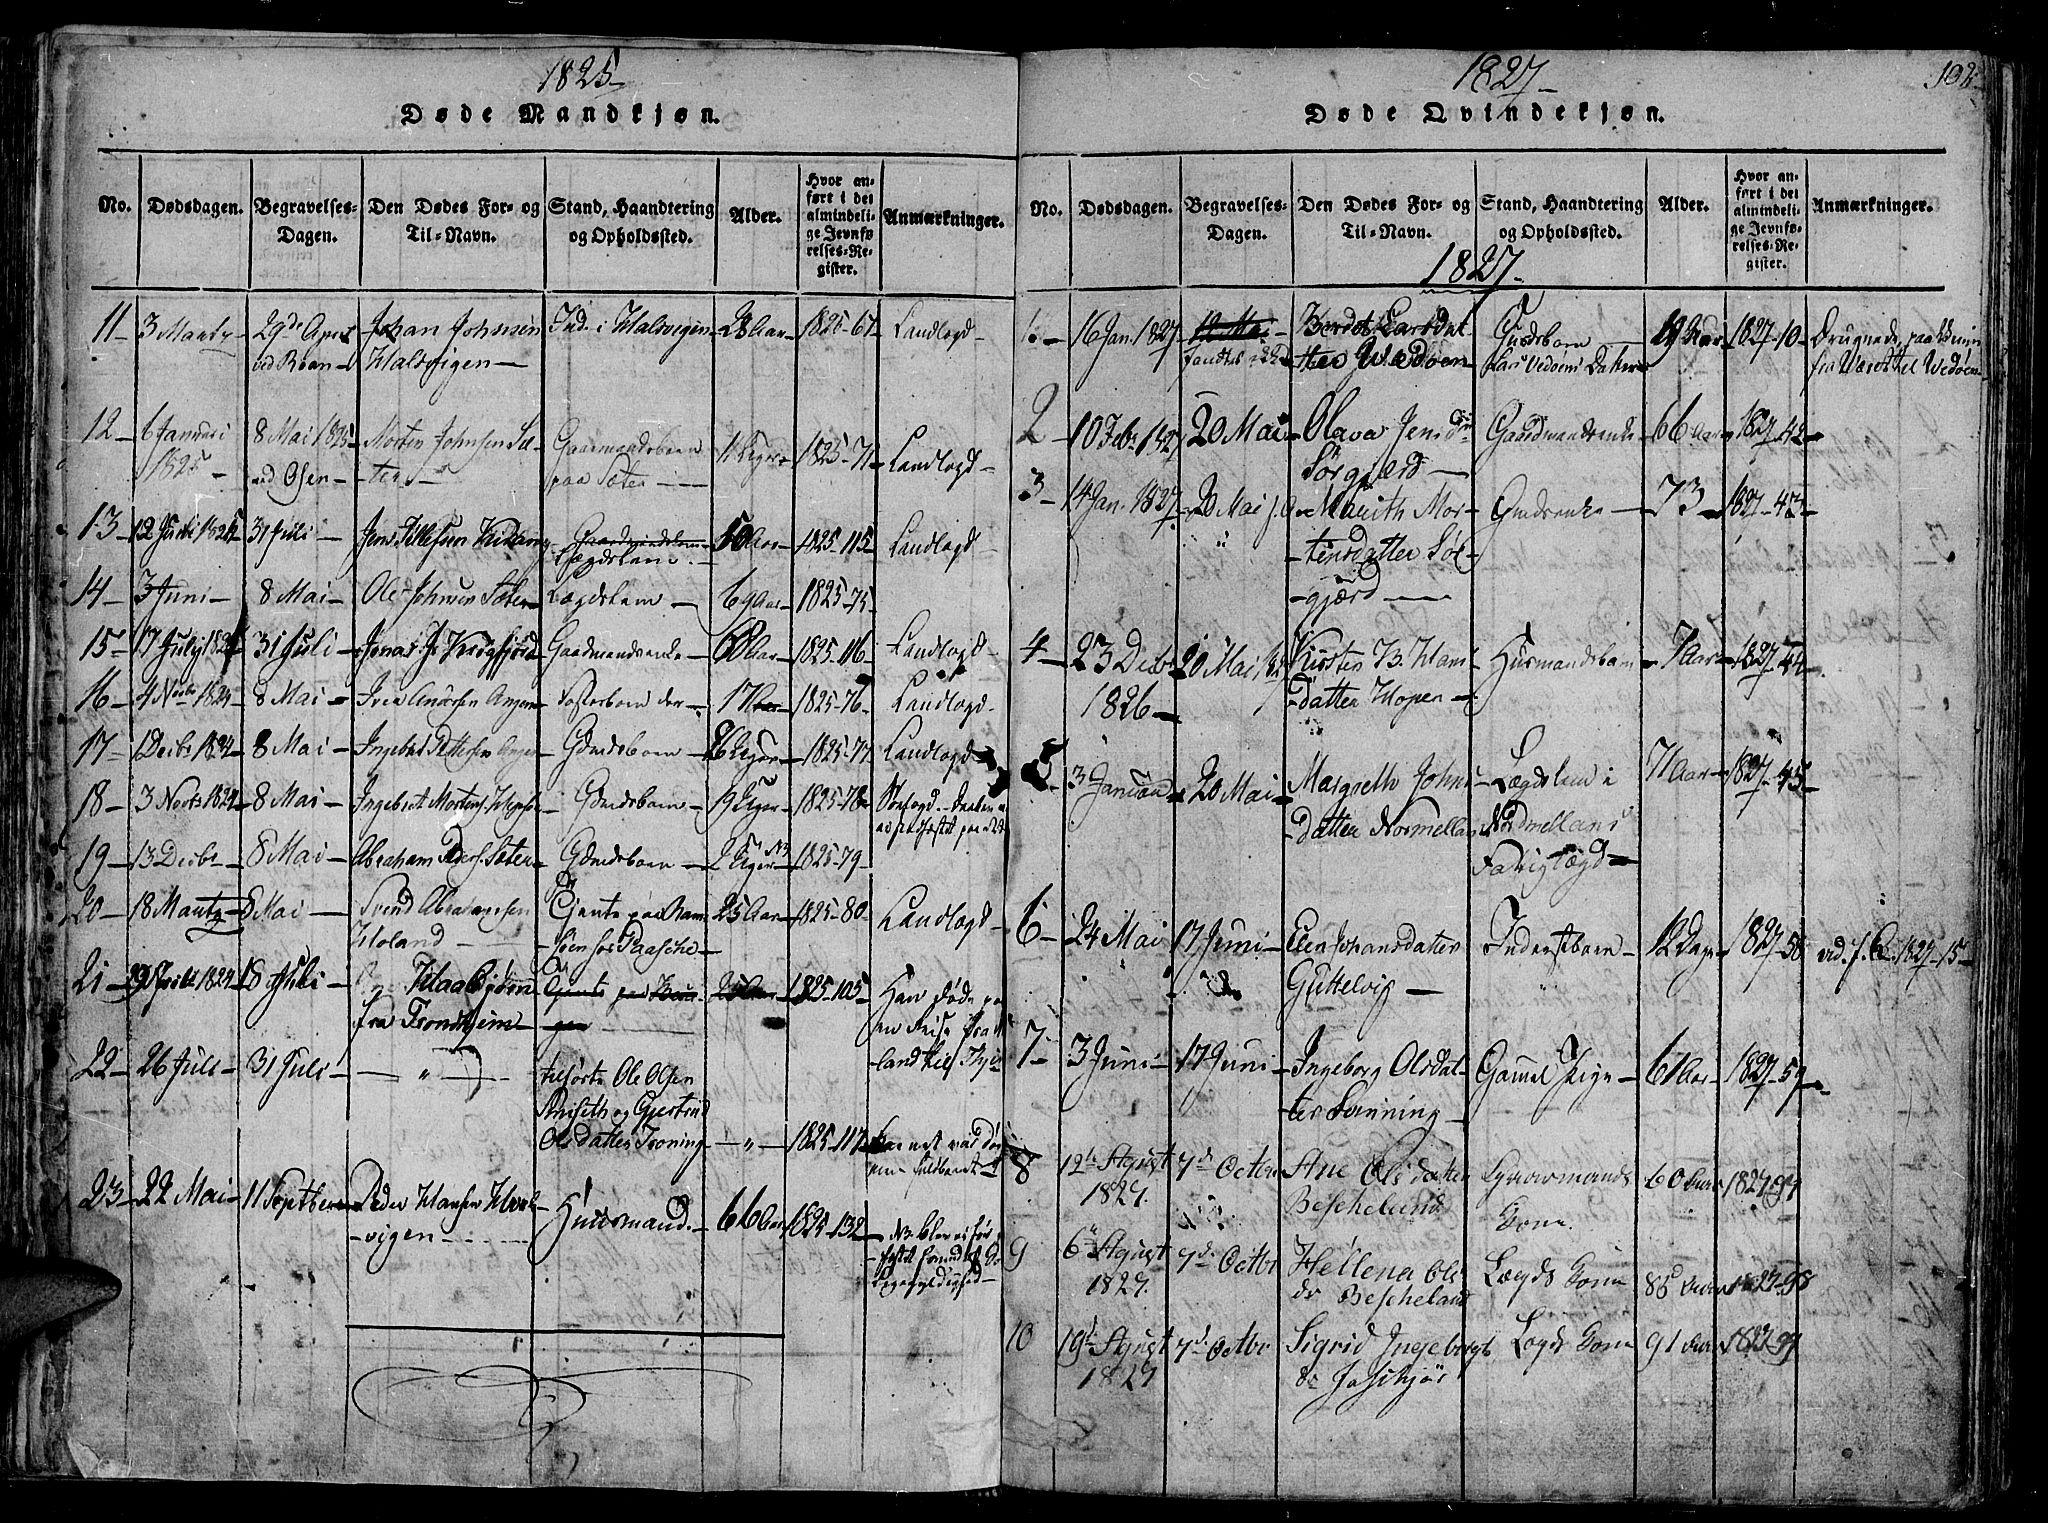 SAT, Ministerialprotokoller, klokkerbøker og fødselsregistre - Sør-Trøndelag, 657/L0702: Ministerialbok nr. 657A03, 1818-1831, s. 102